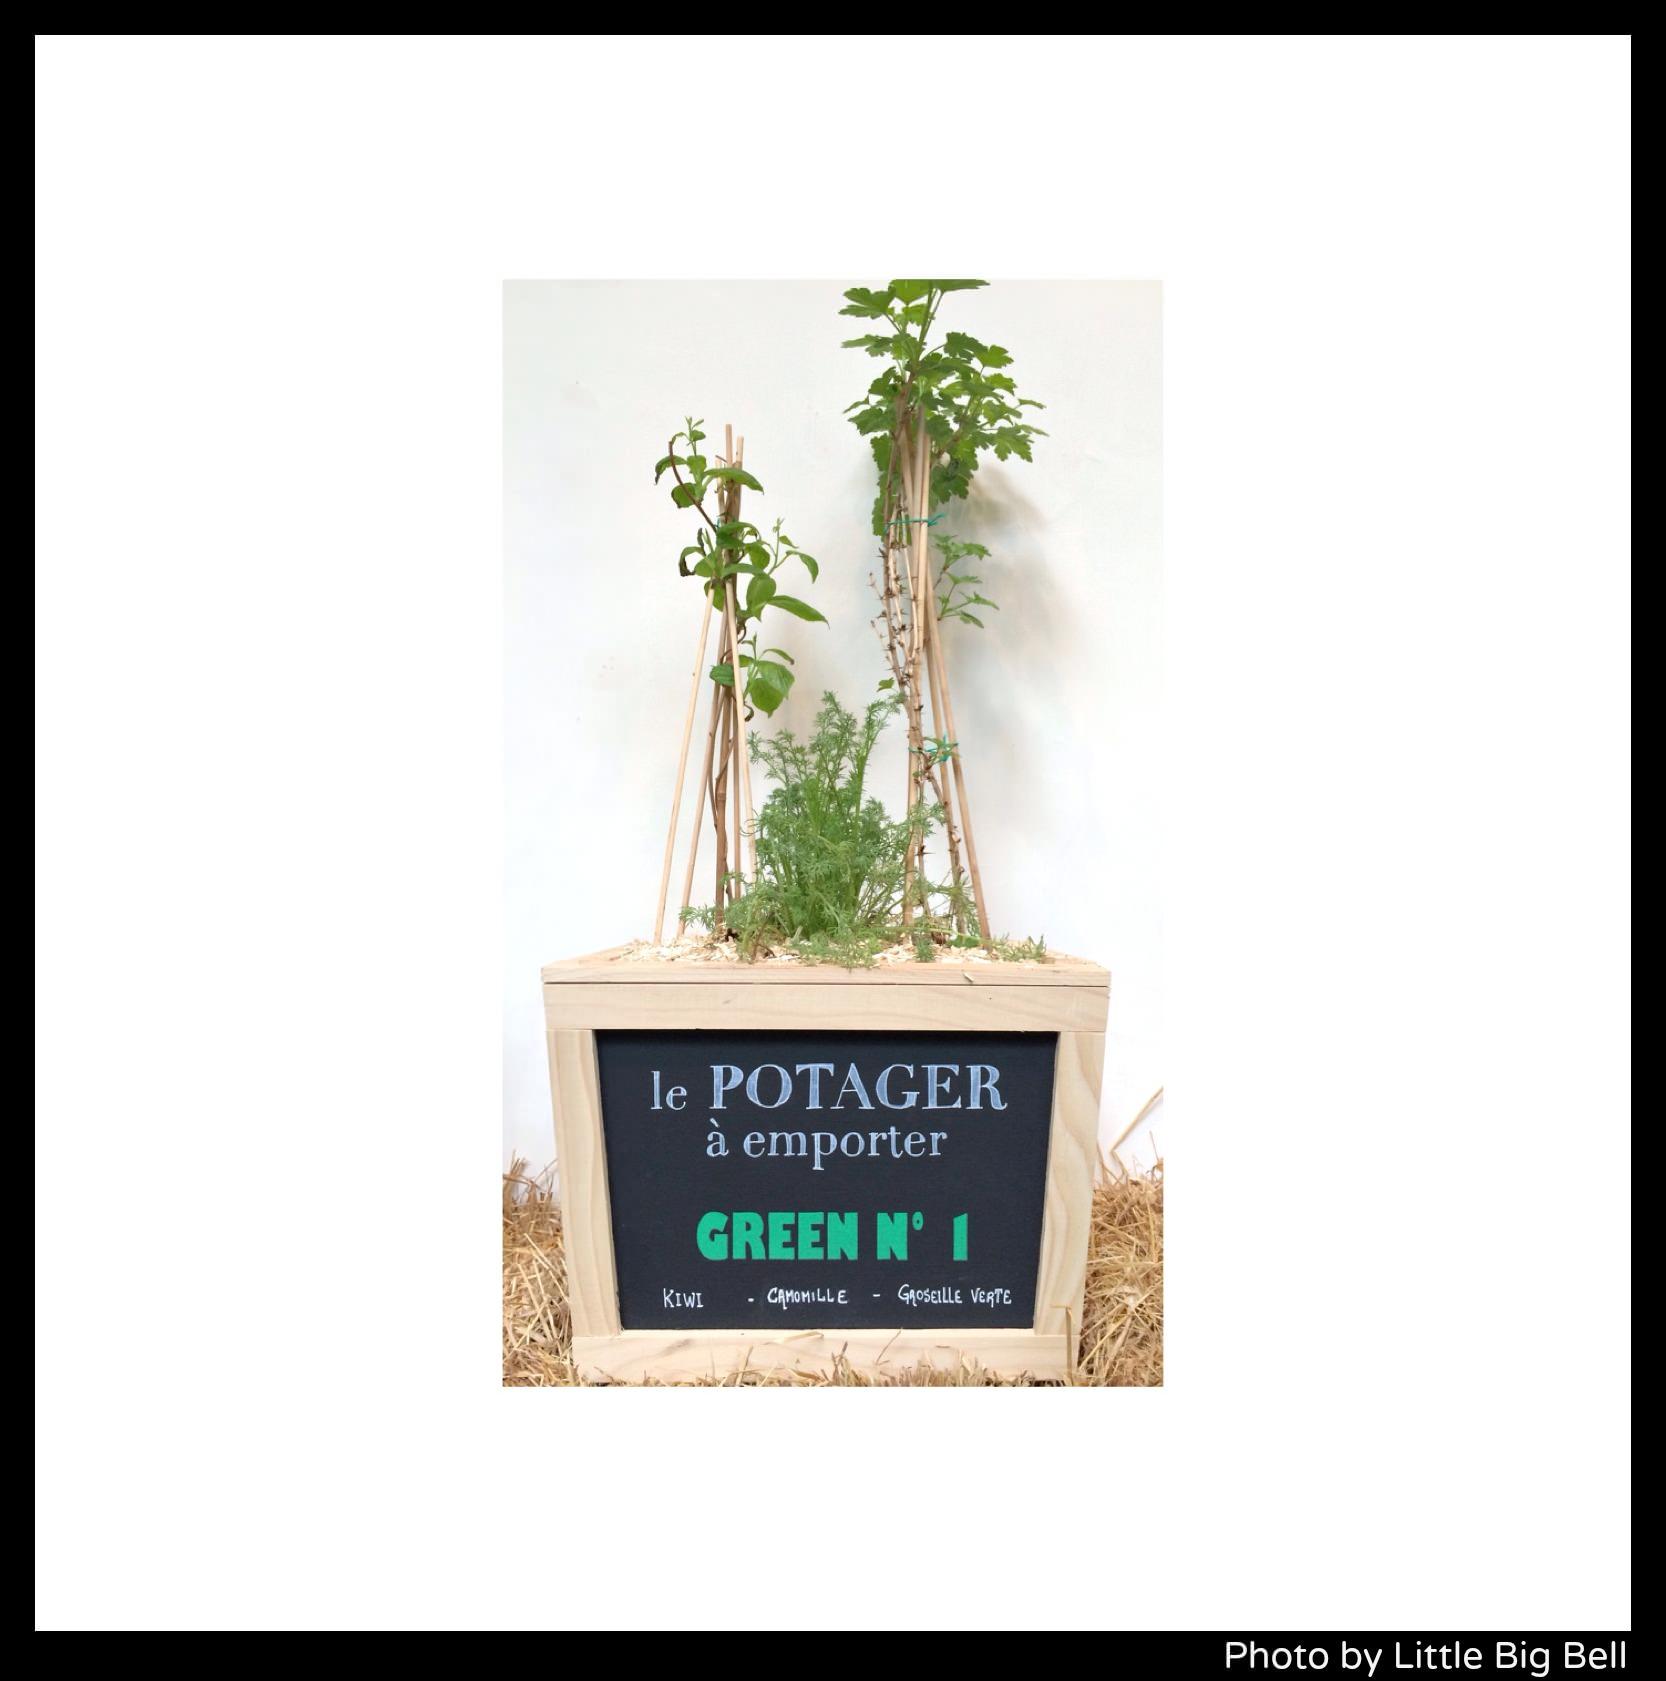 Merci-Paris-Le-Potager-photo-by-Little-Big-Bell.jpg